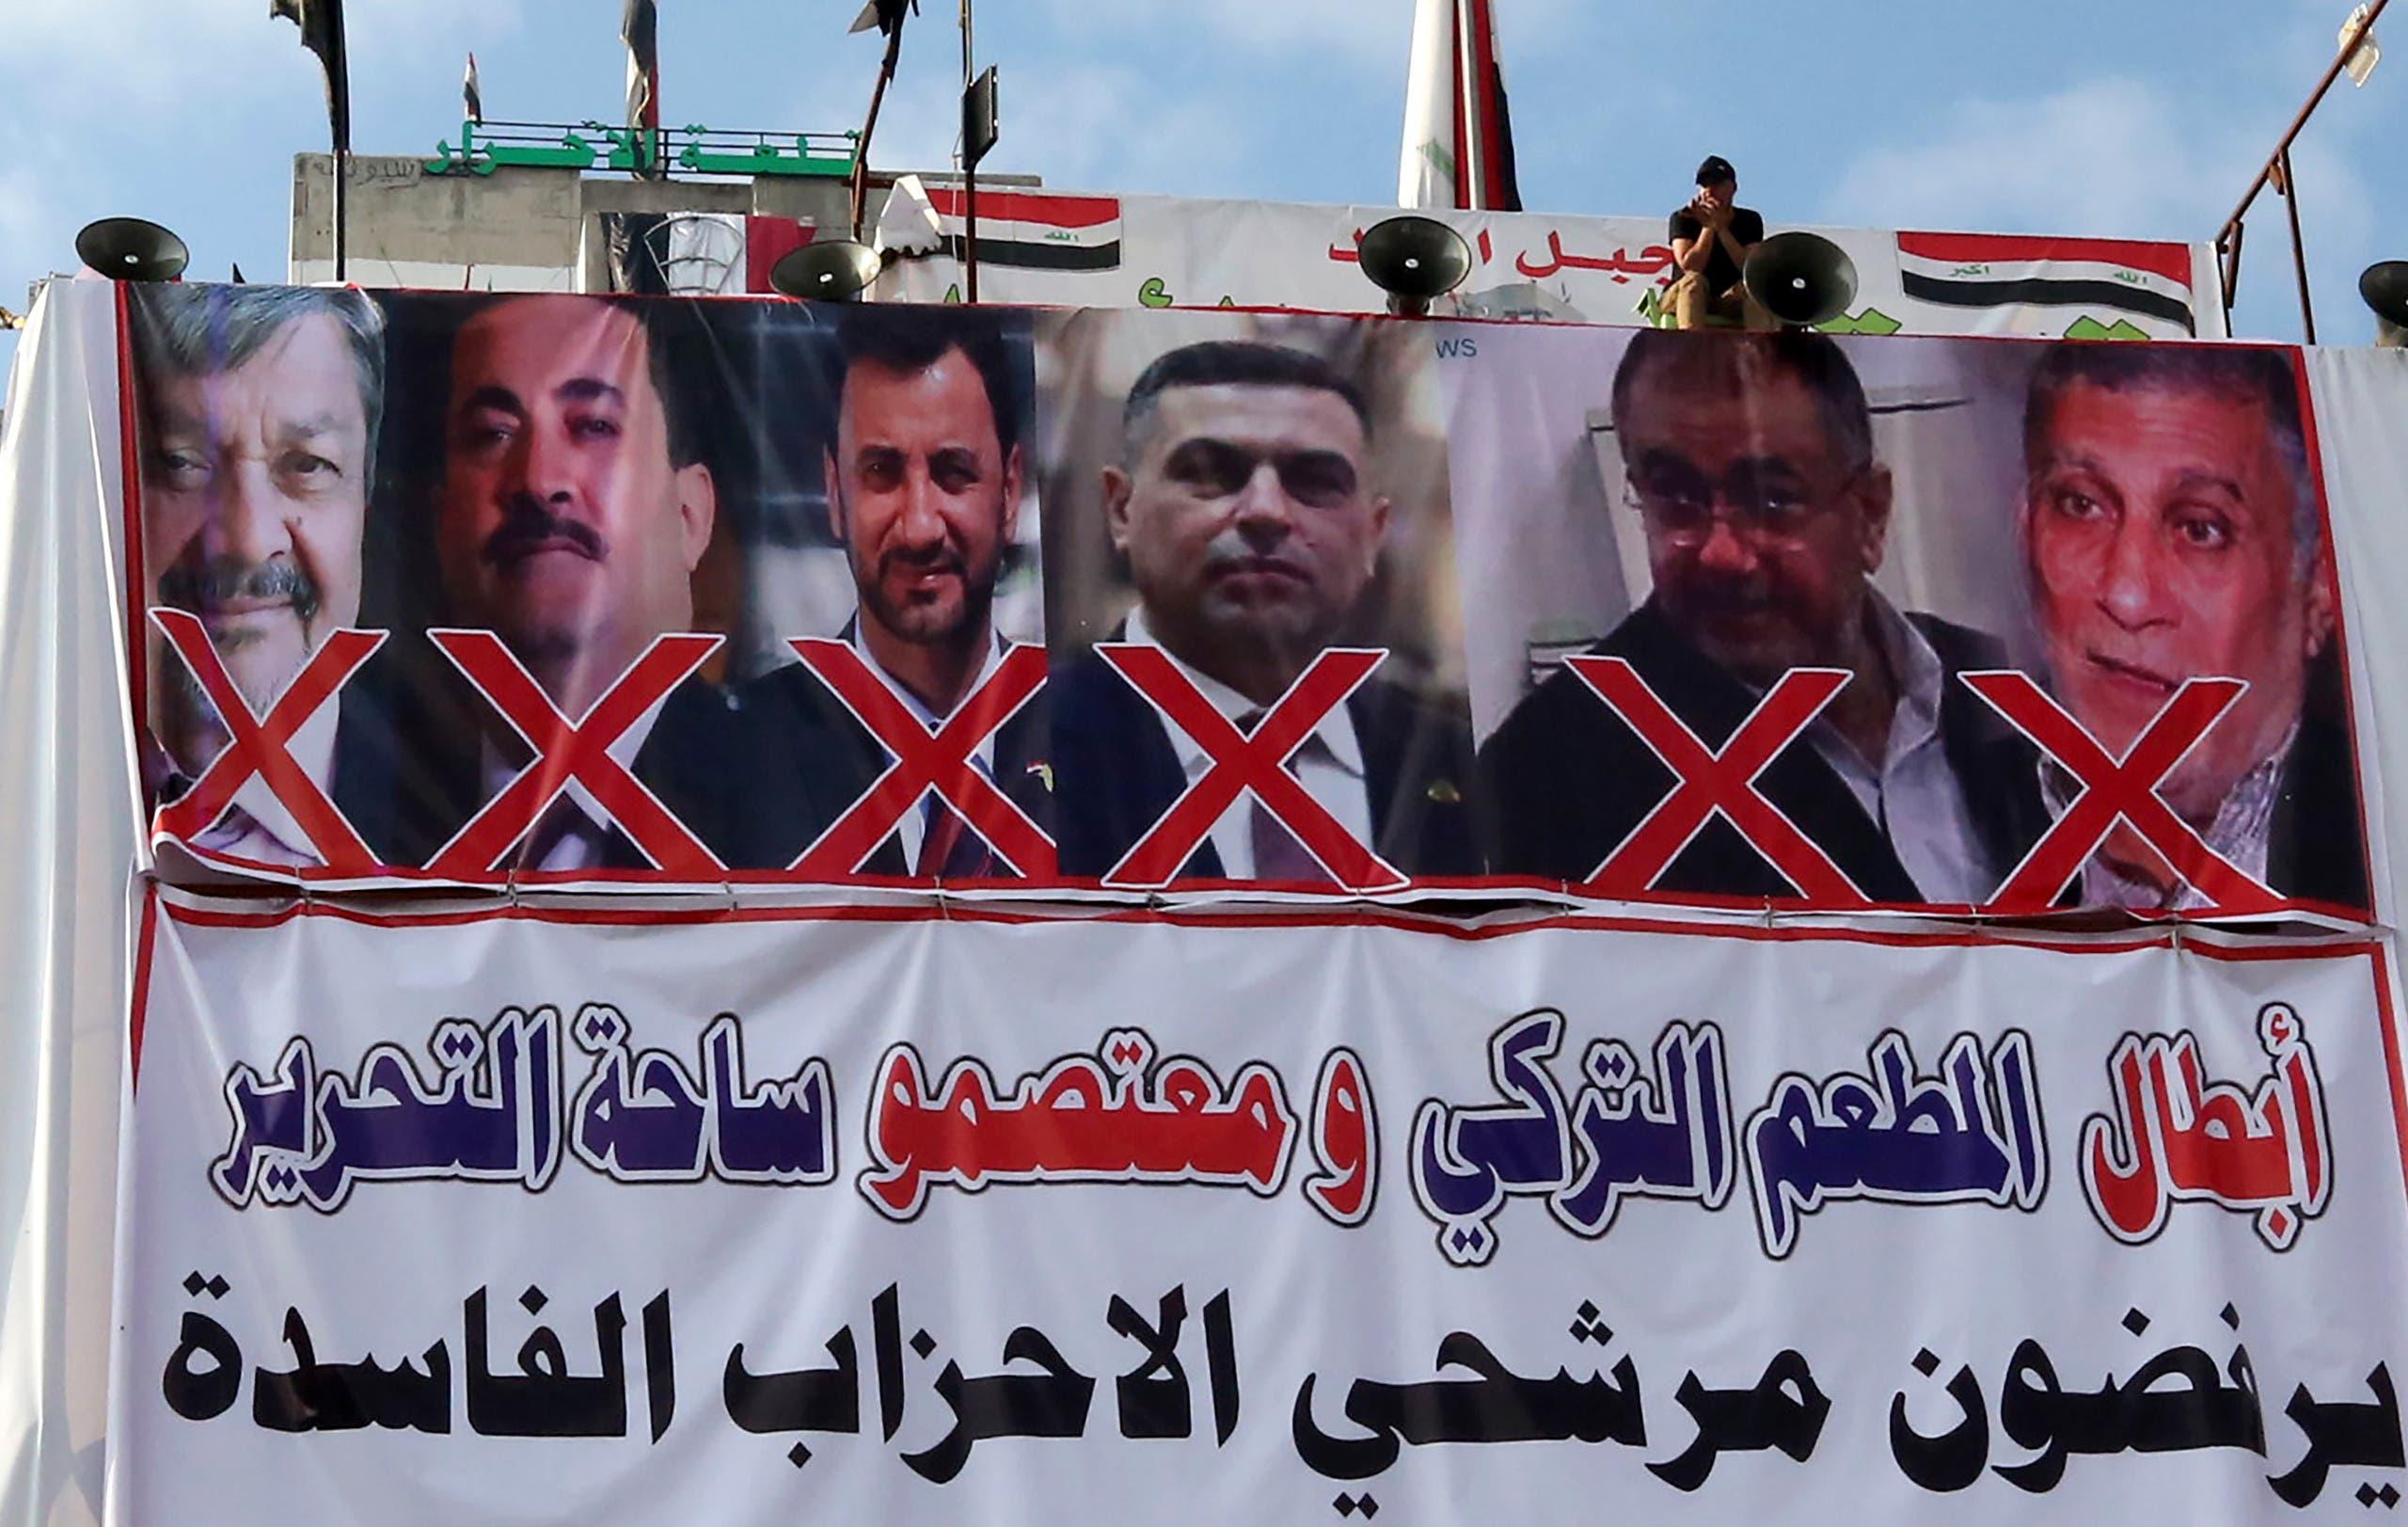 (فرانس برس)متظاهرون يرفعون صور مرشحوين للحكومة العراقية